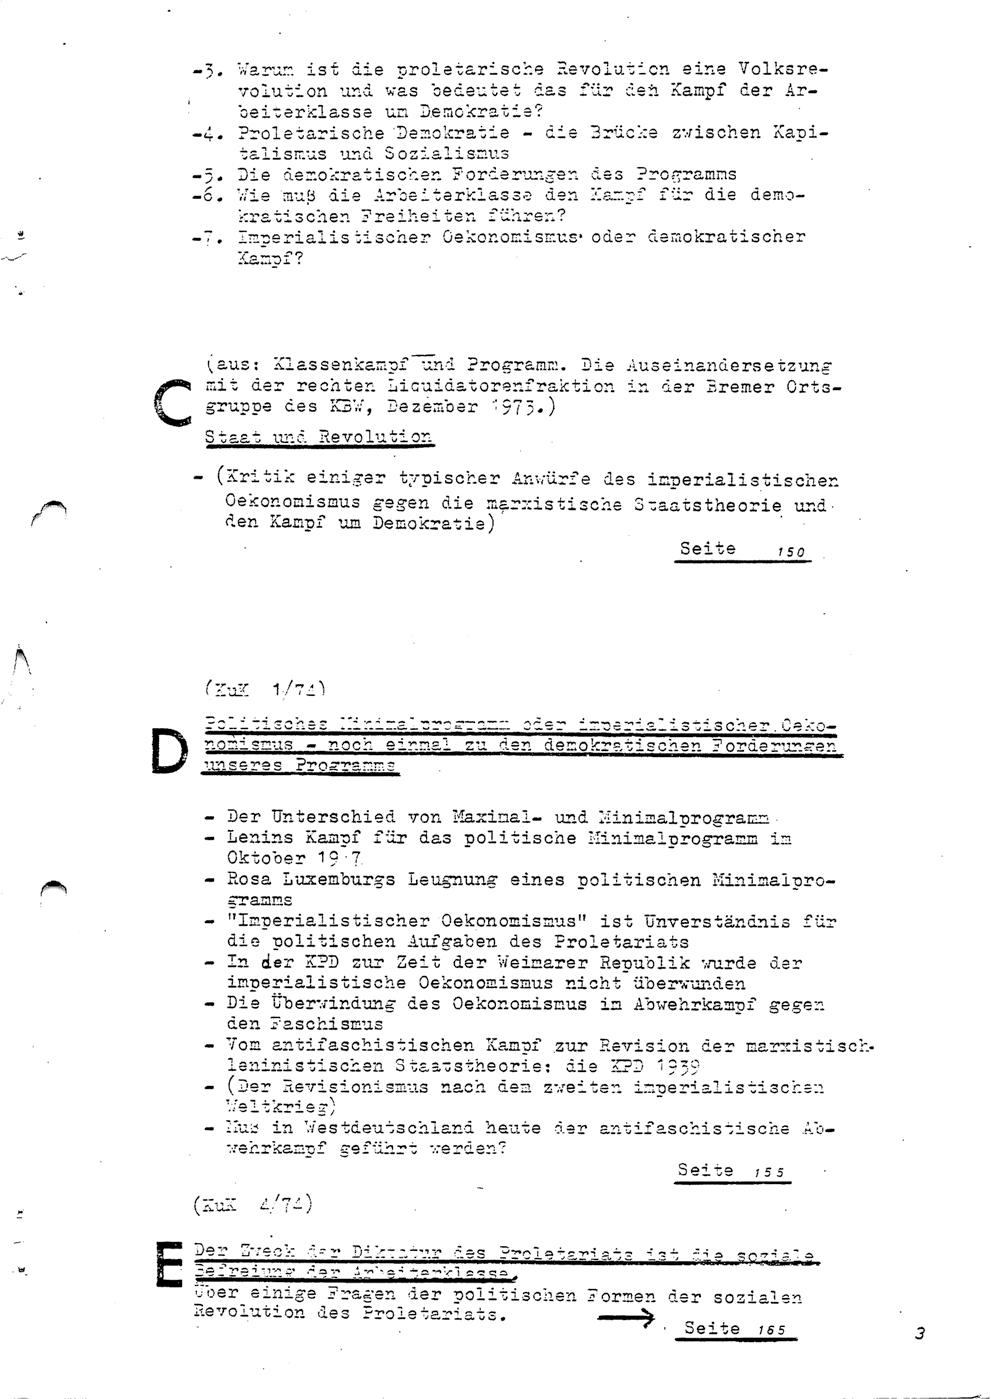 KABRW_Arbeitshefte_1978_31_005